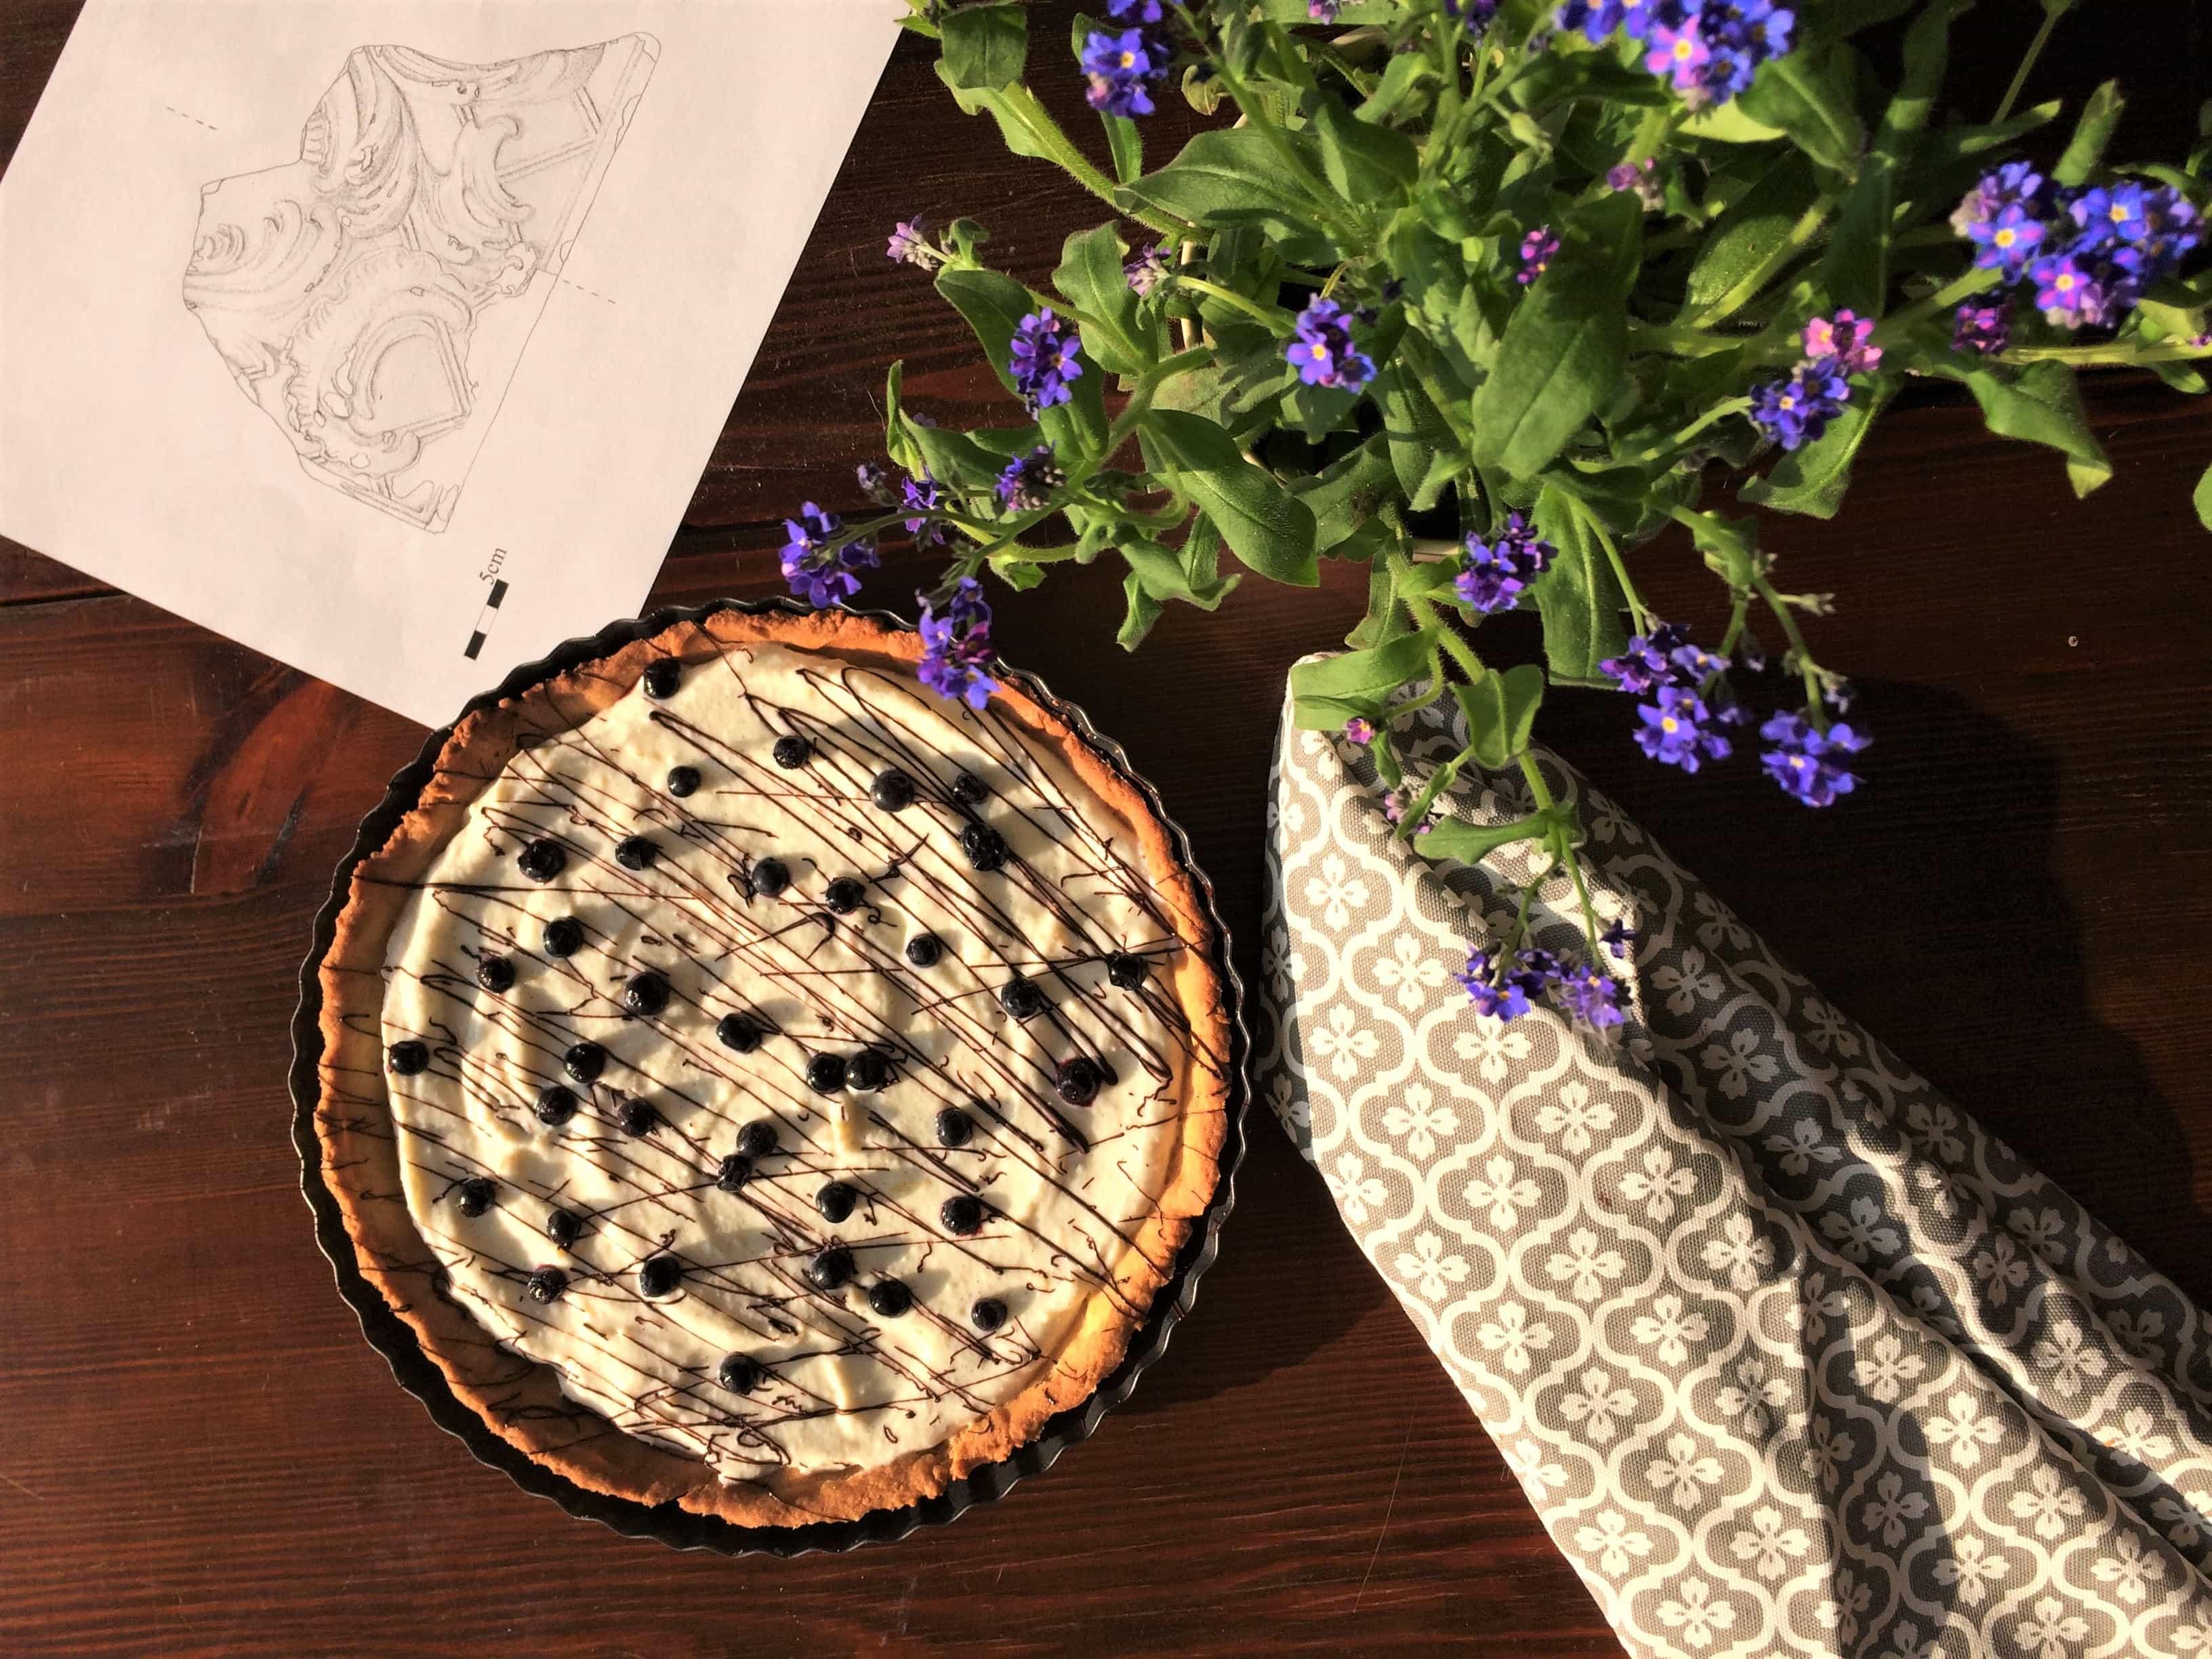 Ricotta and blueberries tart